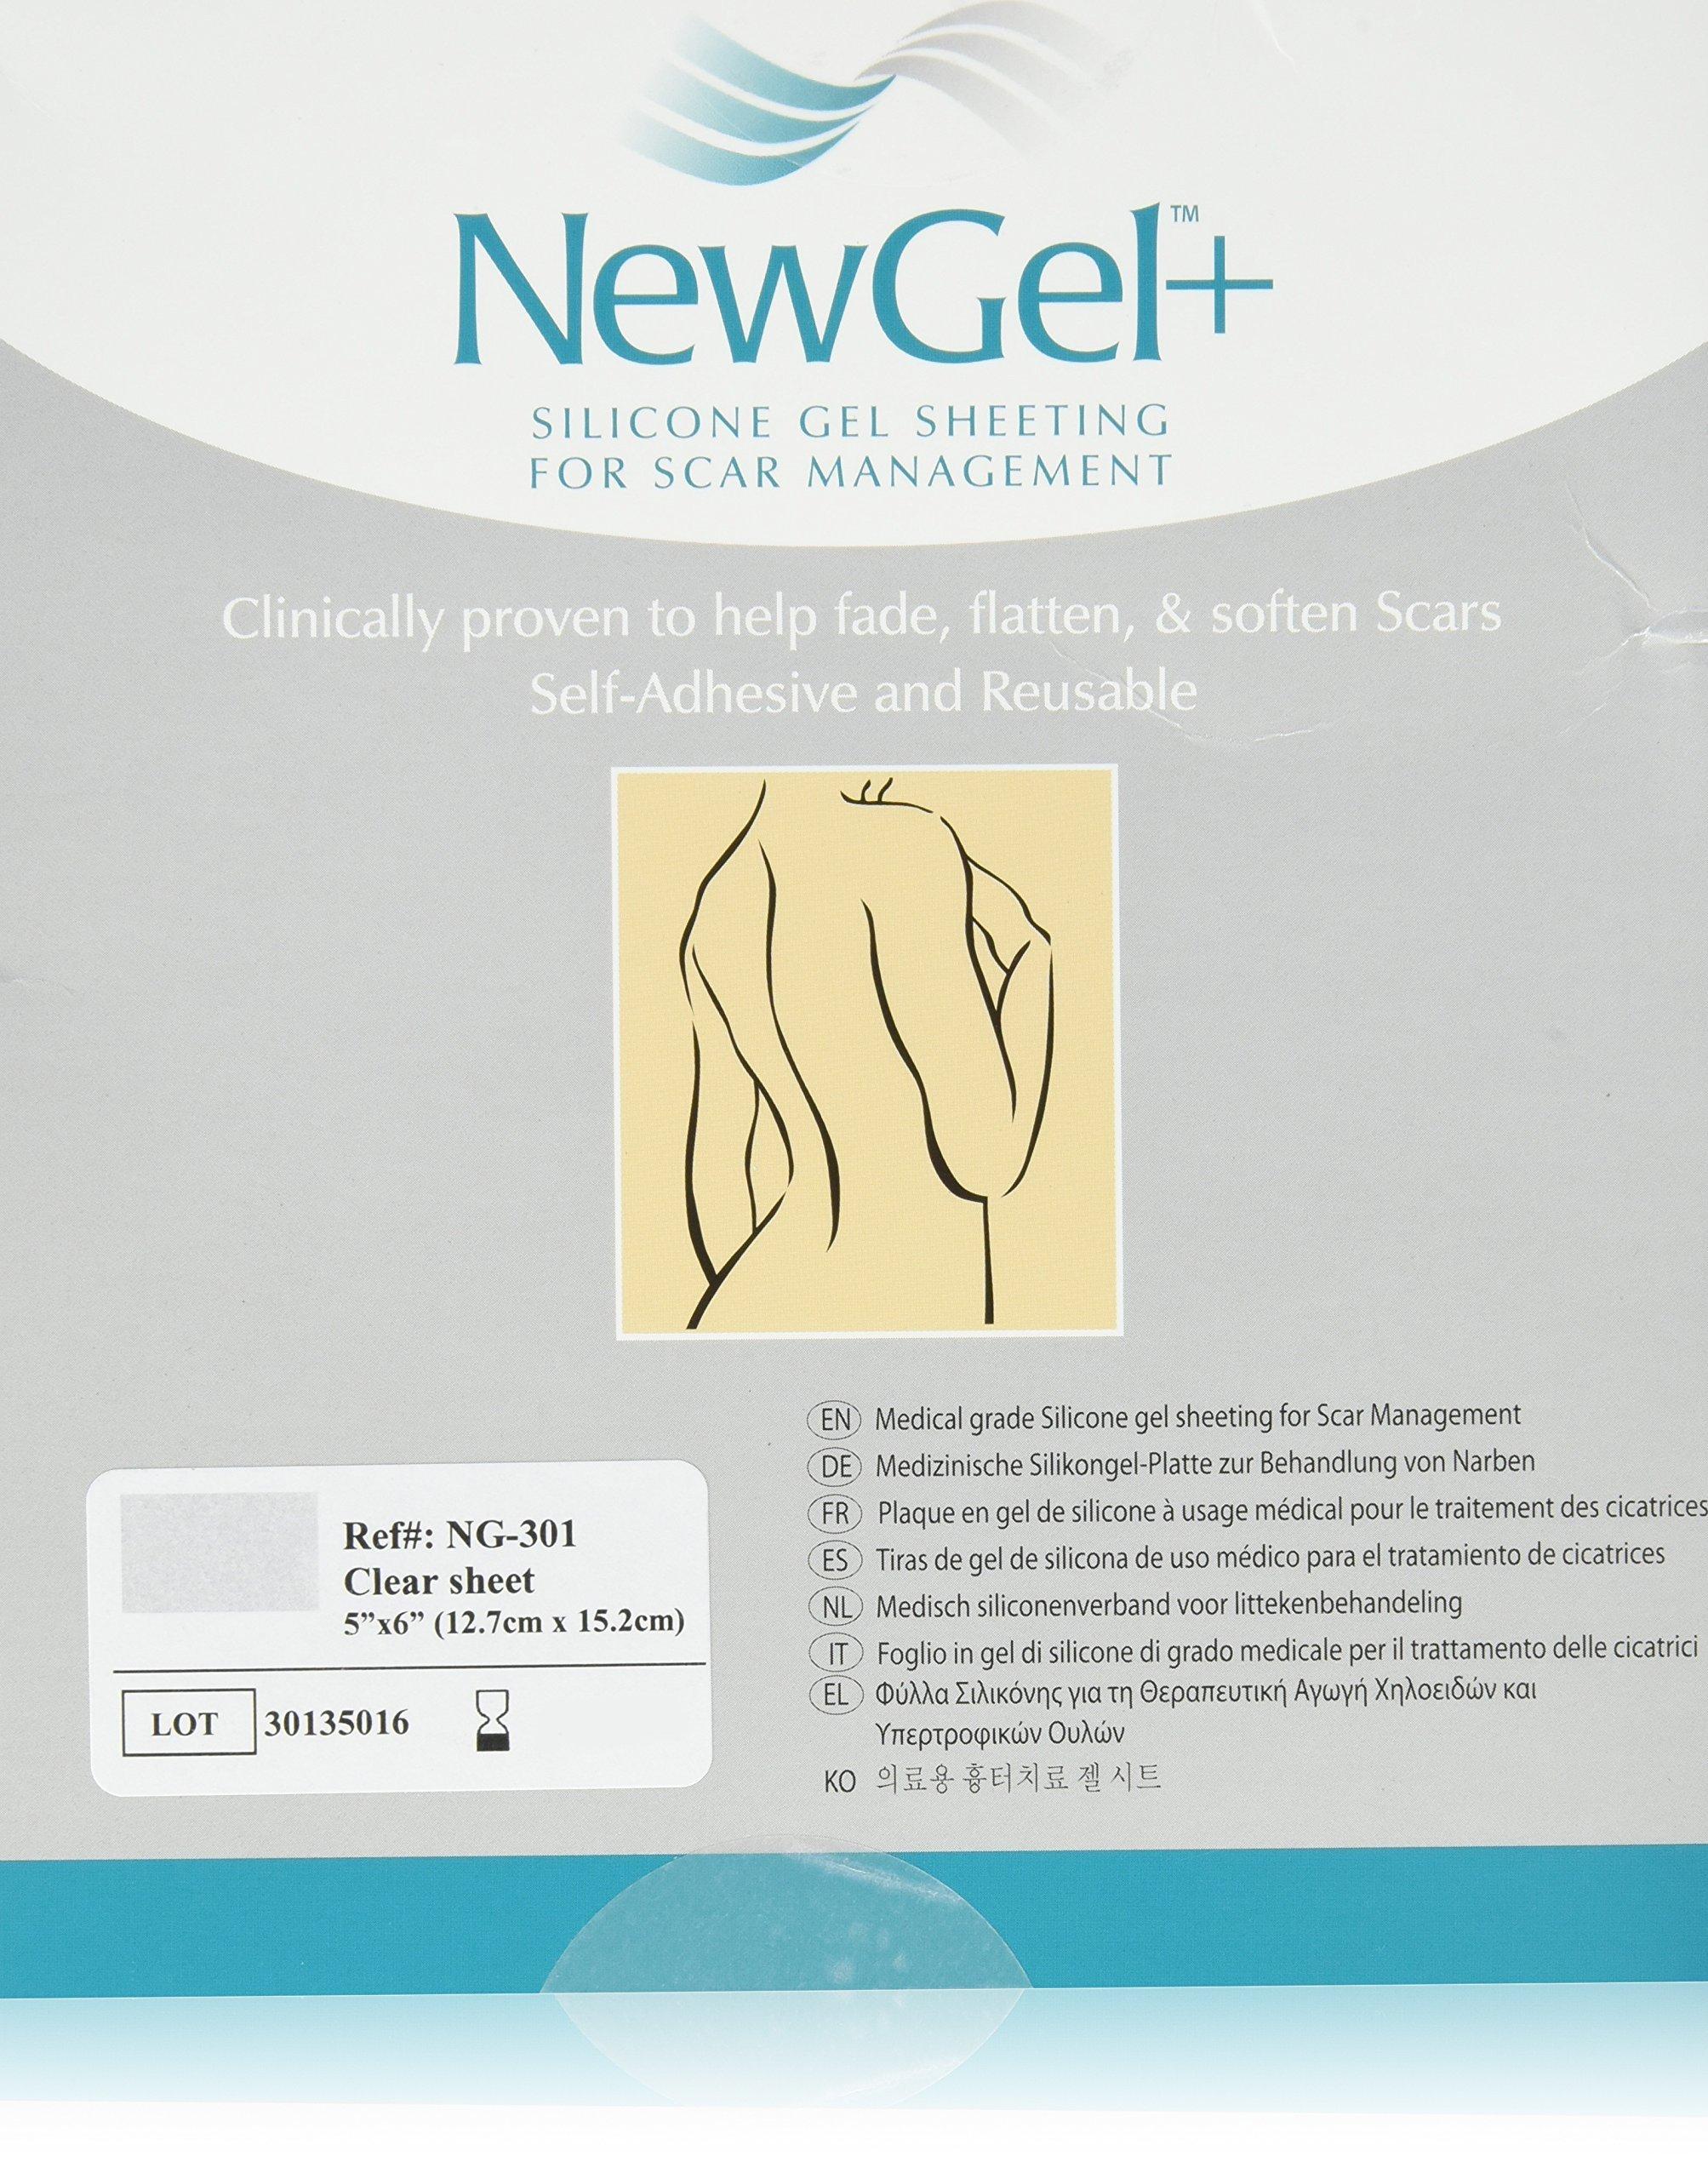 NewGel+ Silicone Gel Sheeting for Scar Management - 5inch x 6inch Sheet Clear (1 per box) by New Gel